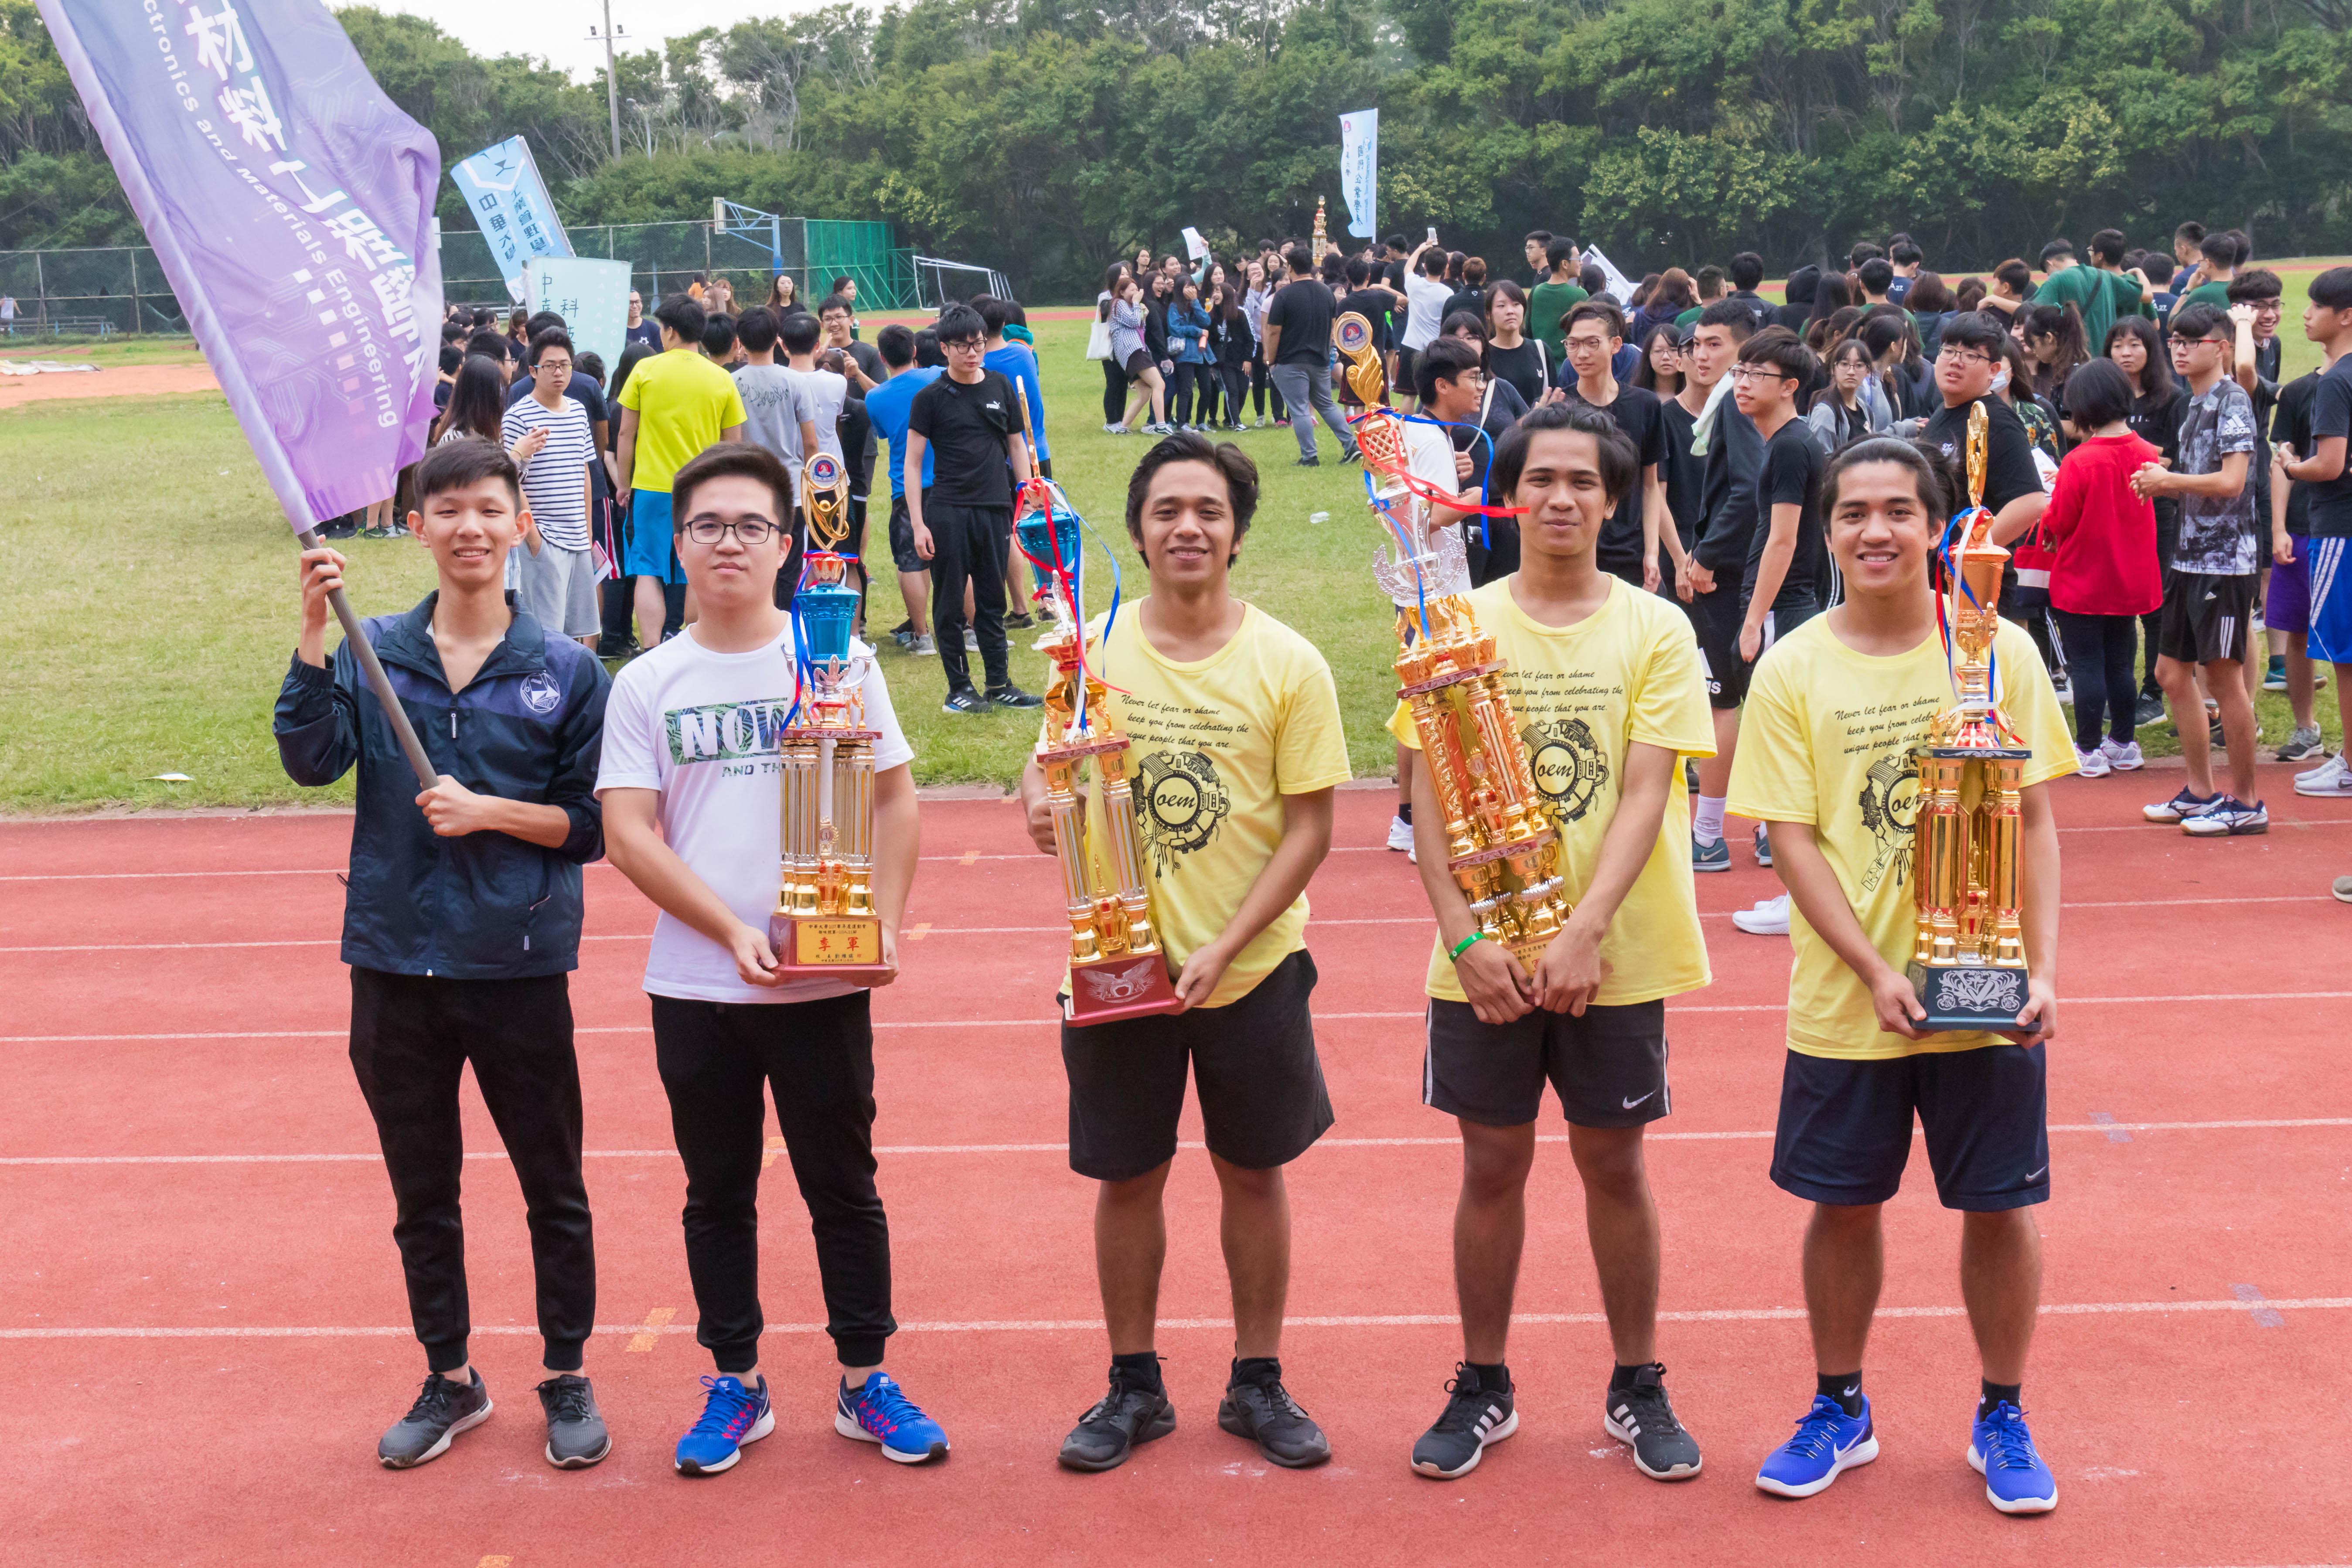 大學運動會吹起國際風,台菲學生合作拿下精神總錦標-大學運動會